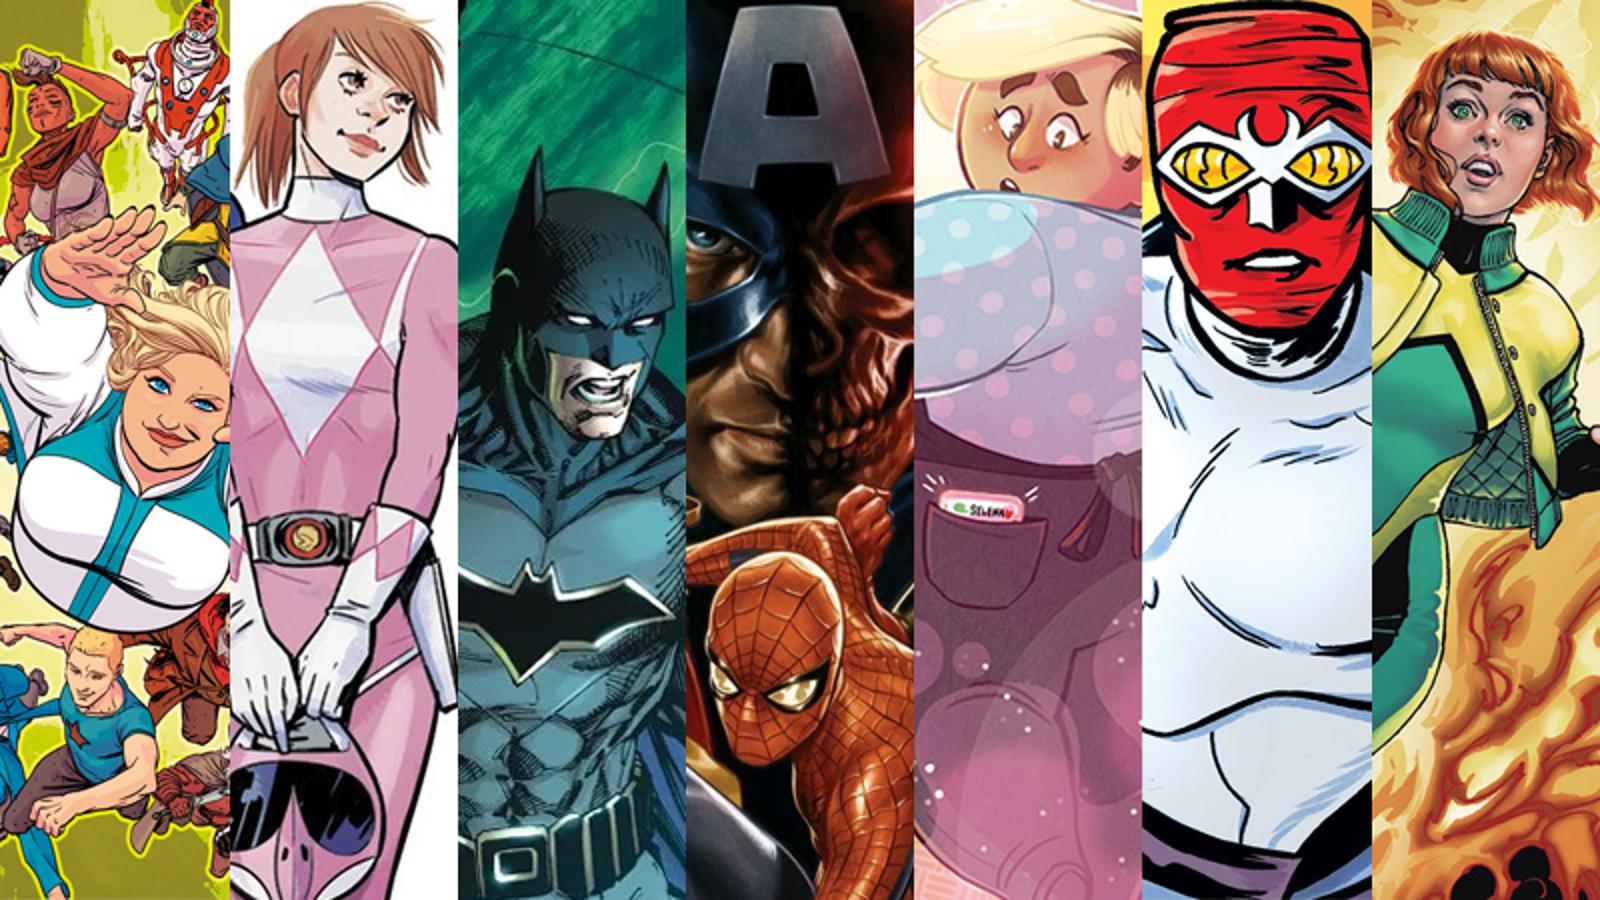 De mest spektakulære nye tegneserier du skal bo inde og-4369